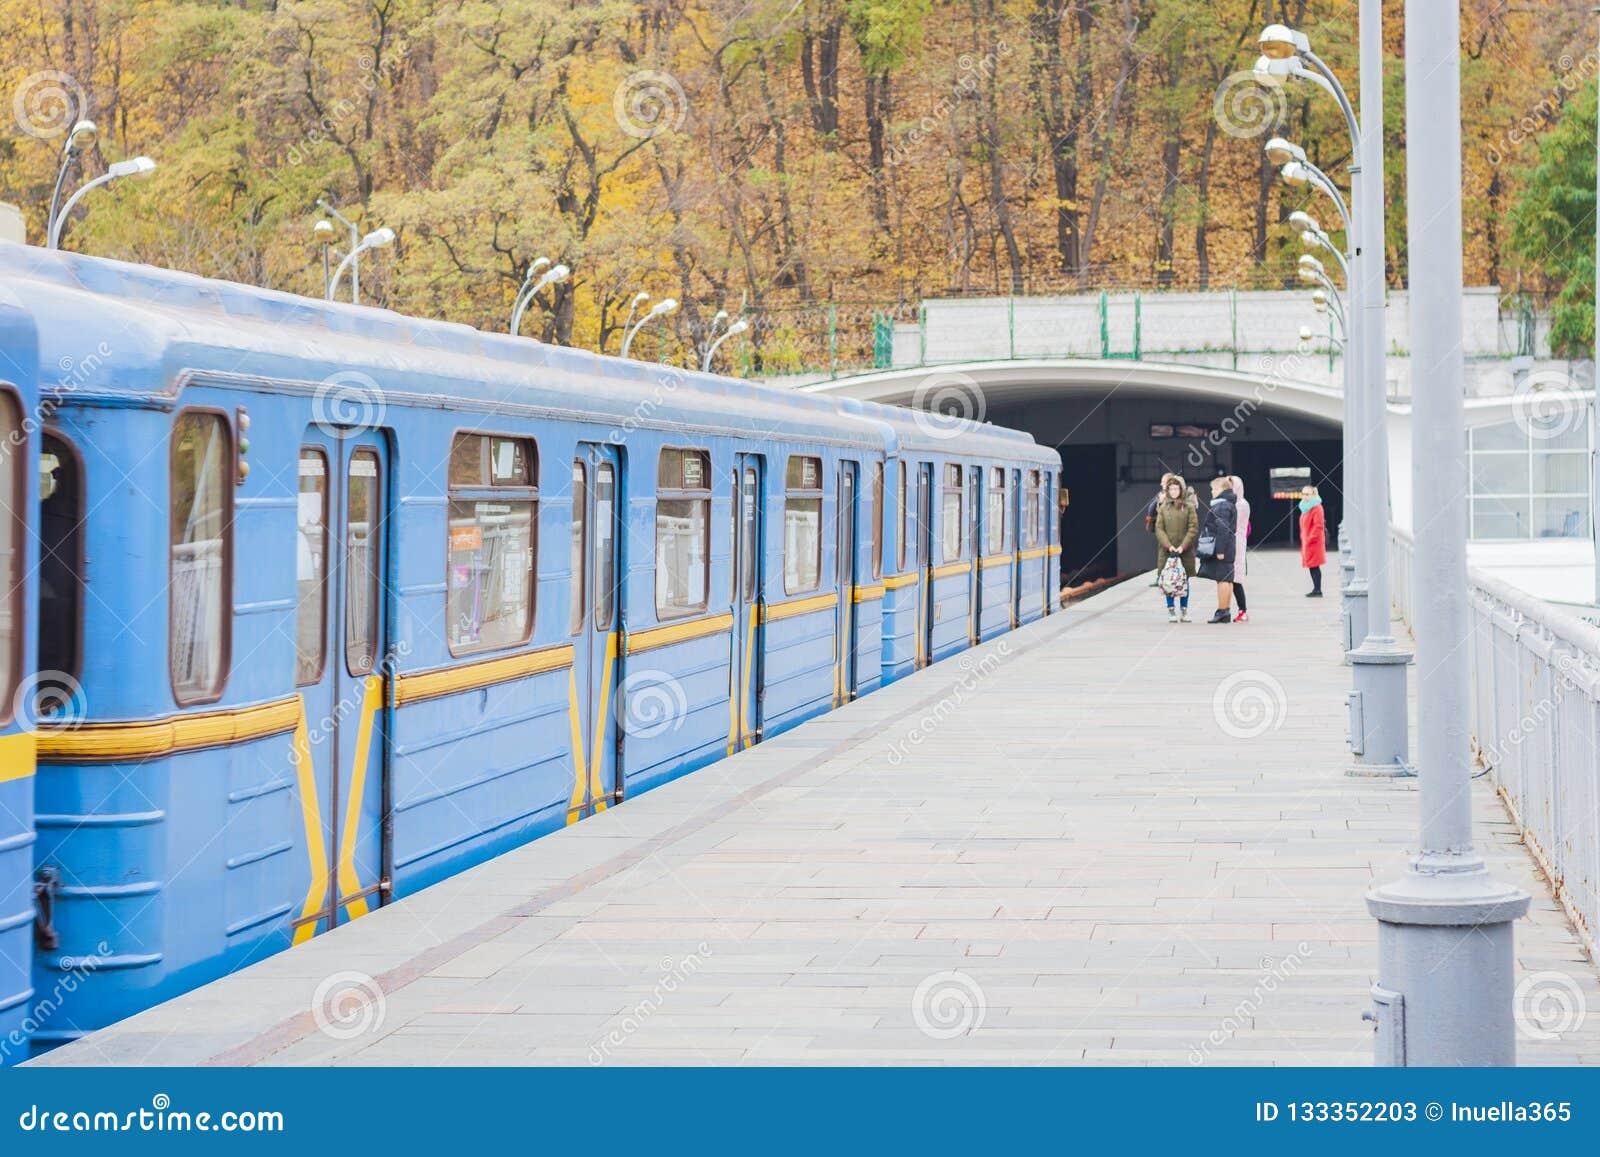 Trein op metro metrobrug over de rivier Dnieper, Kiev, de Oekraïne